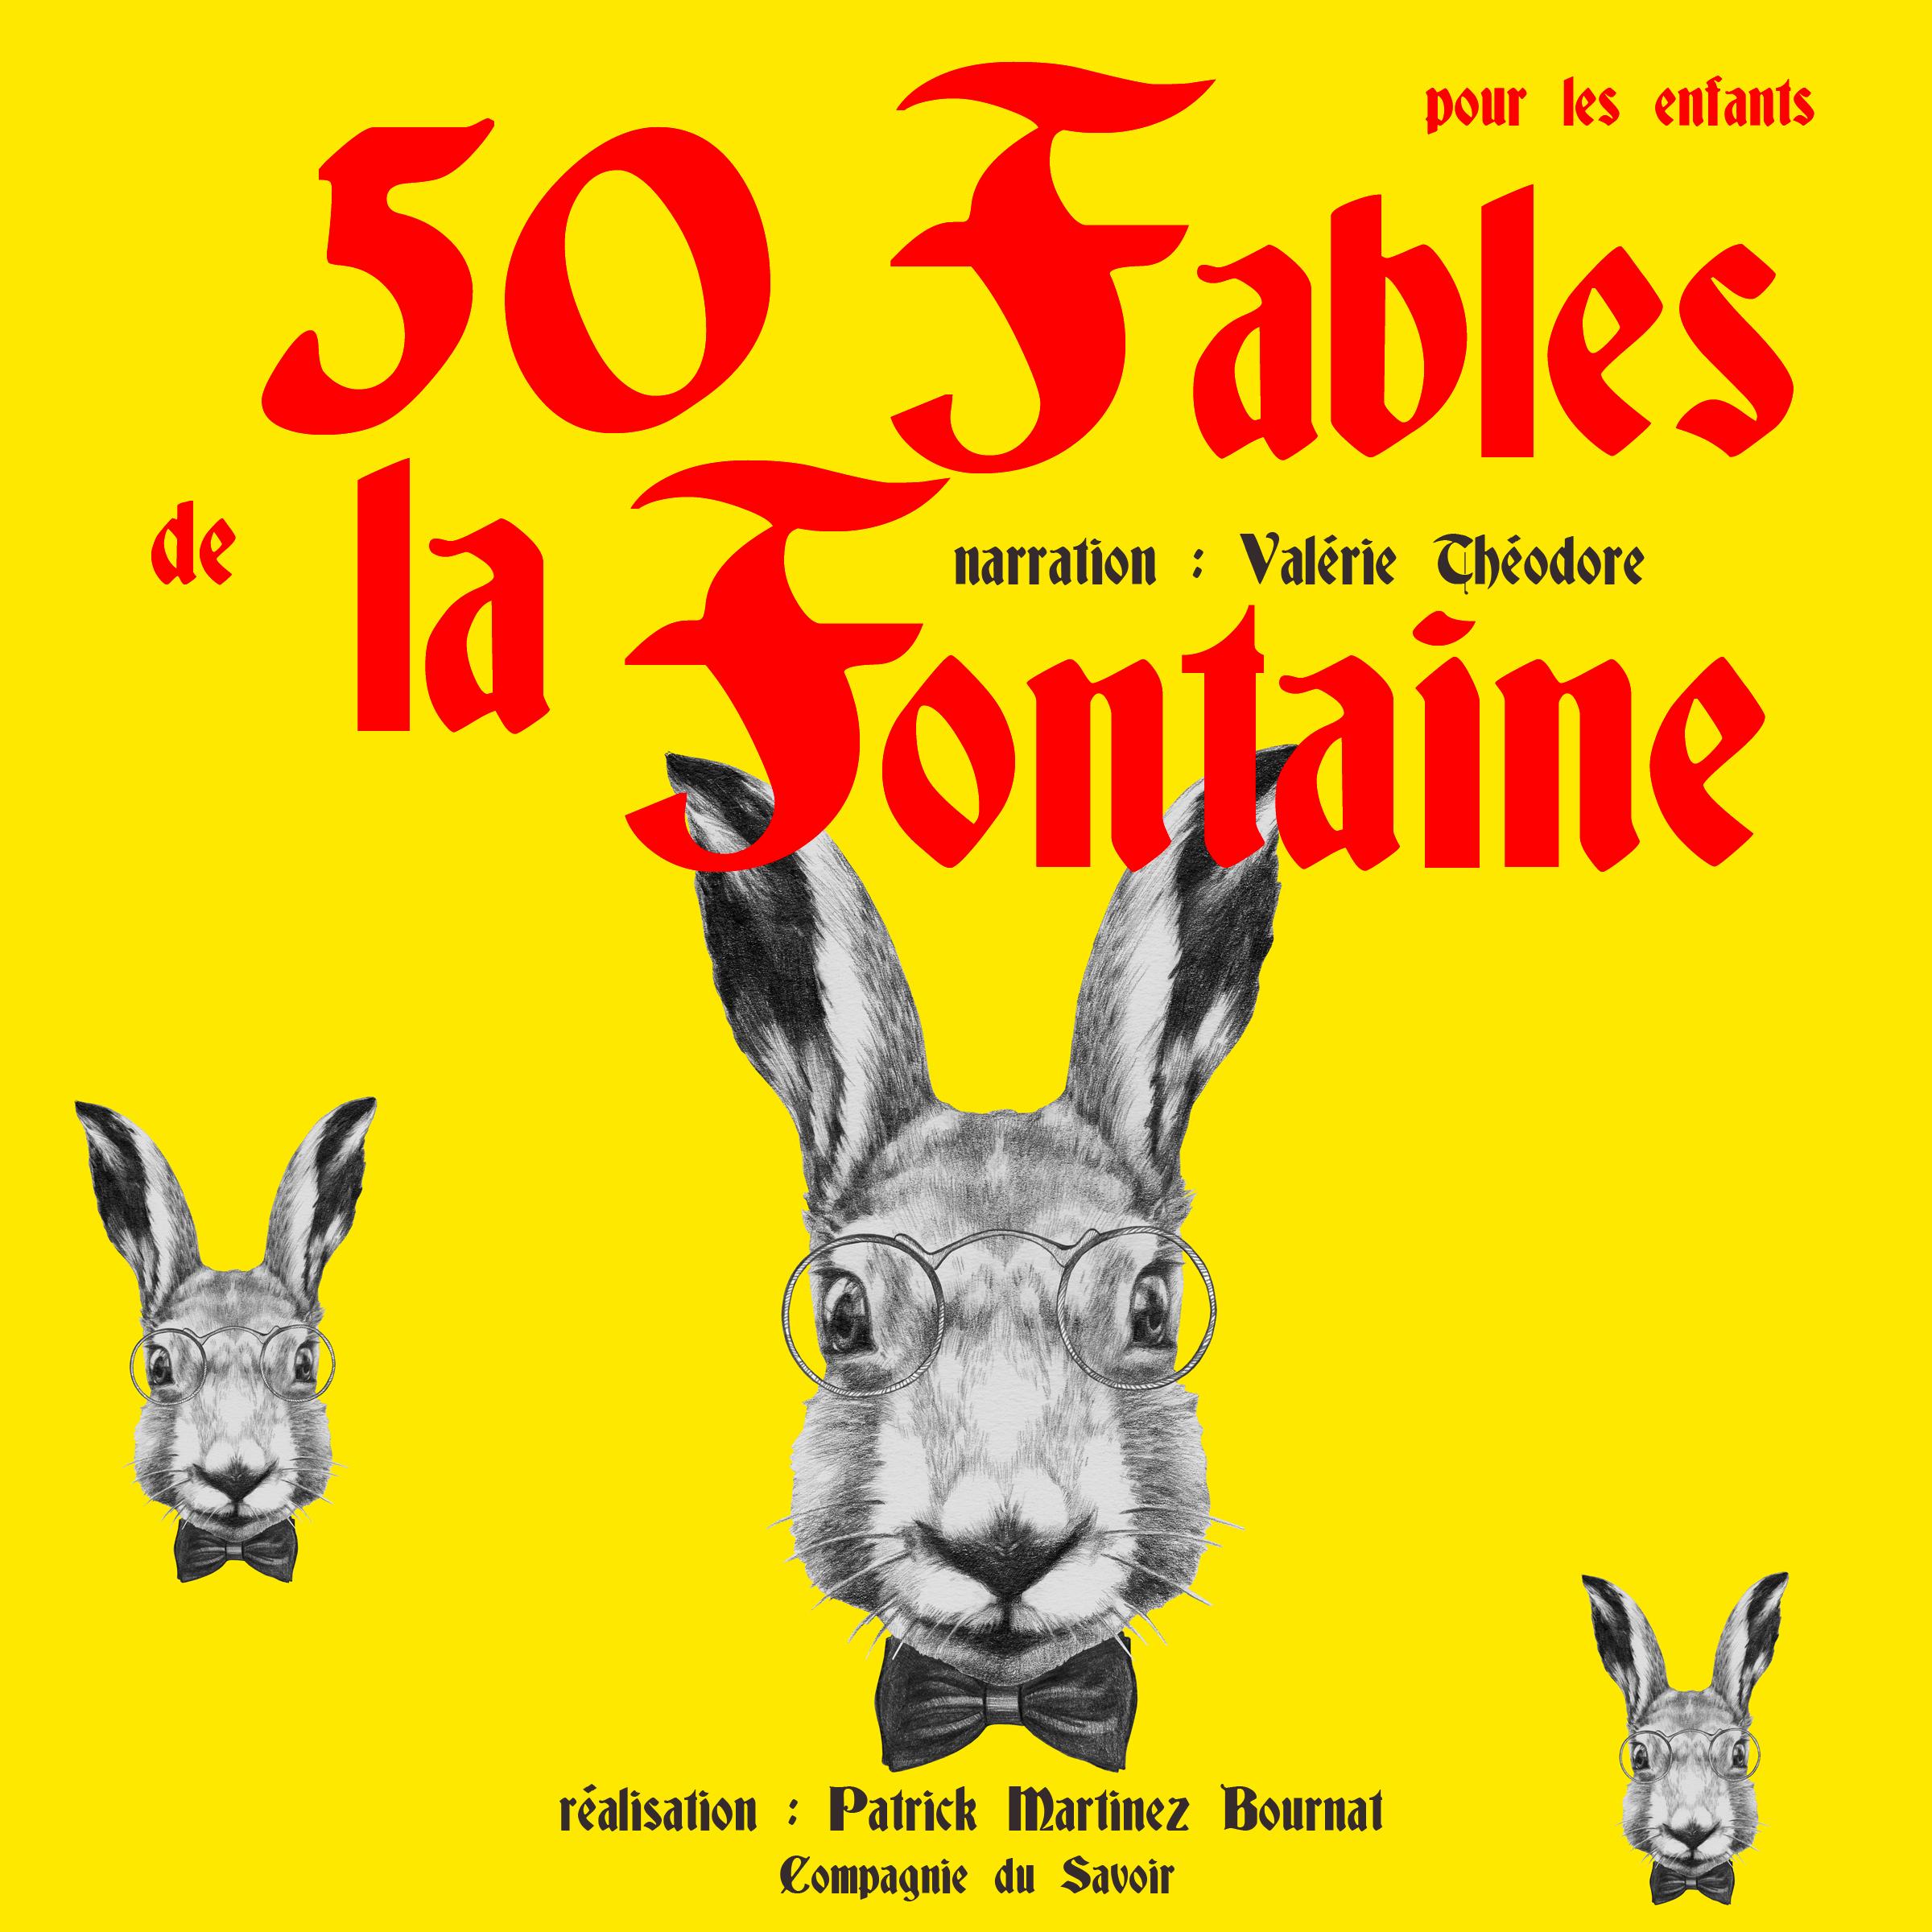 50 fables pour les enfants   Compagnie du Savoir